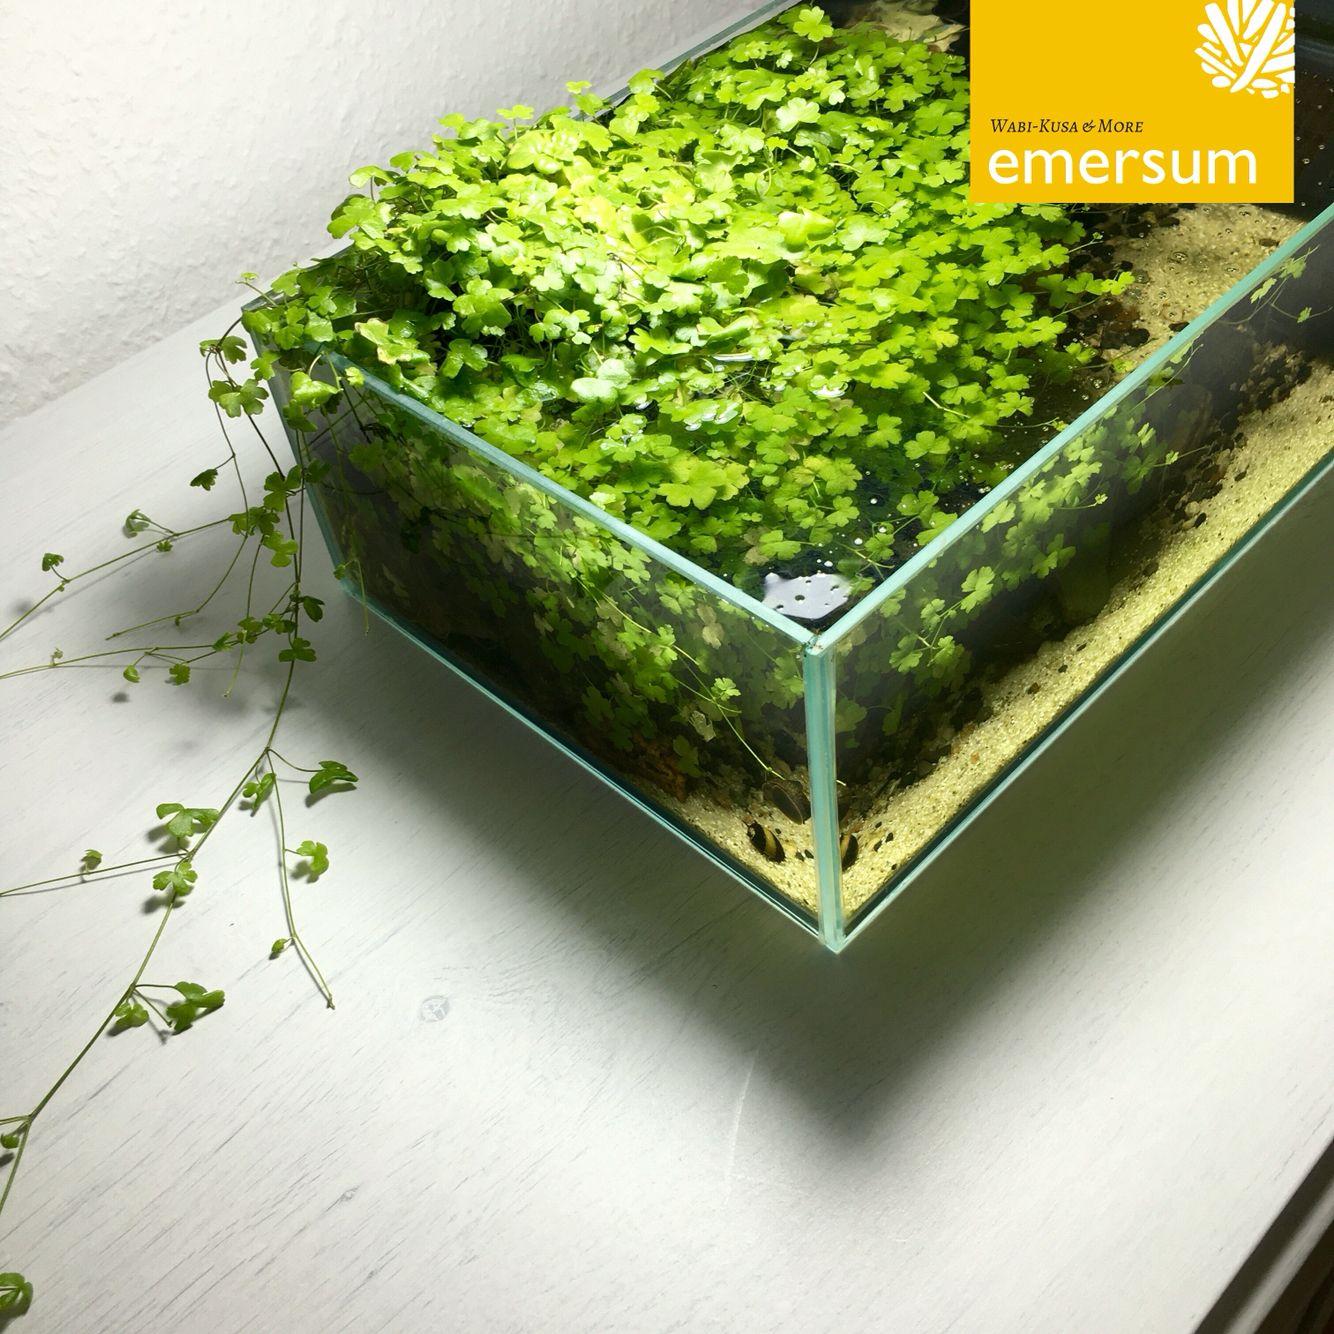 Emersum De Wabi Kusa Aquascaping Bể Ca Y Tưởng Thiết Kế